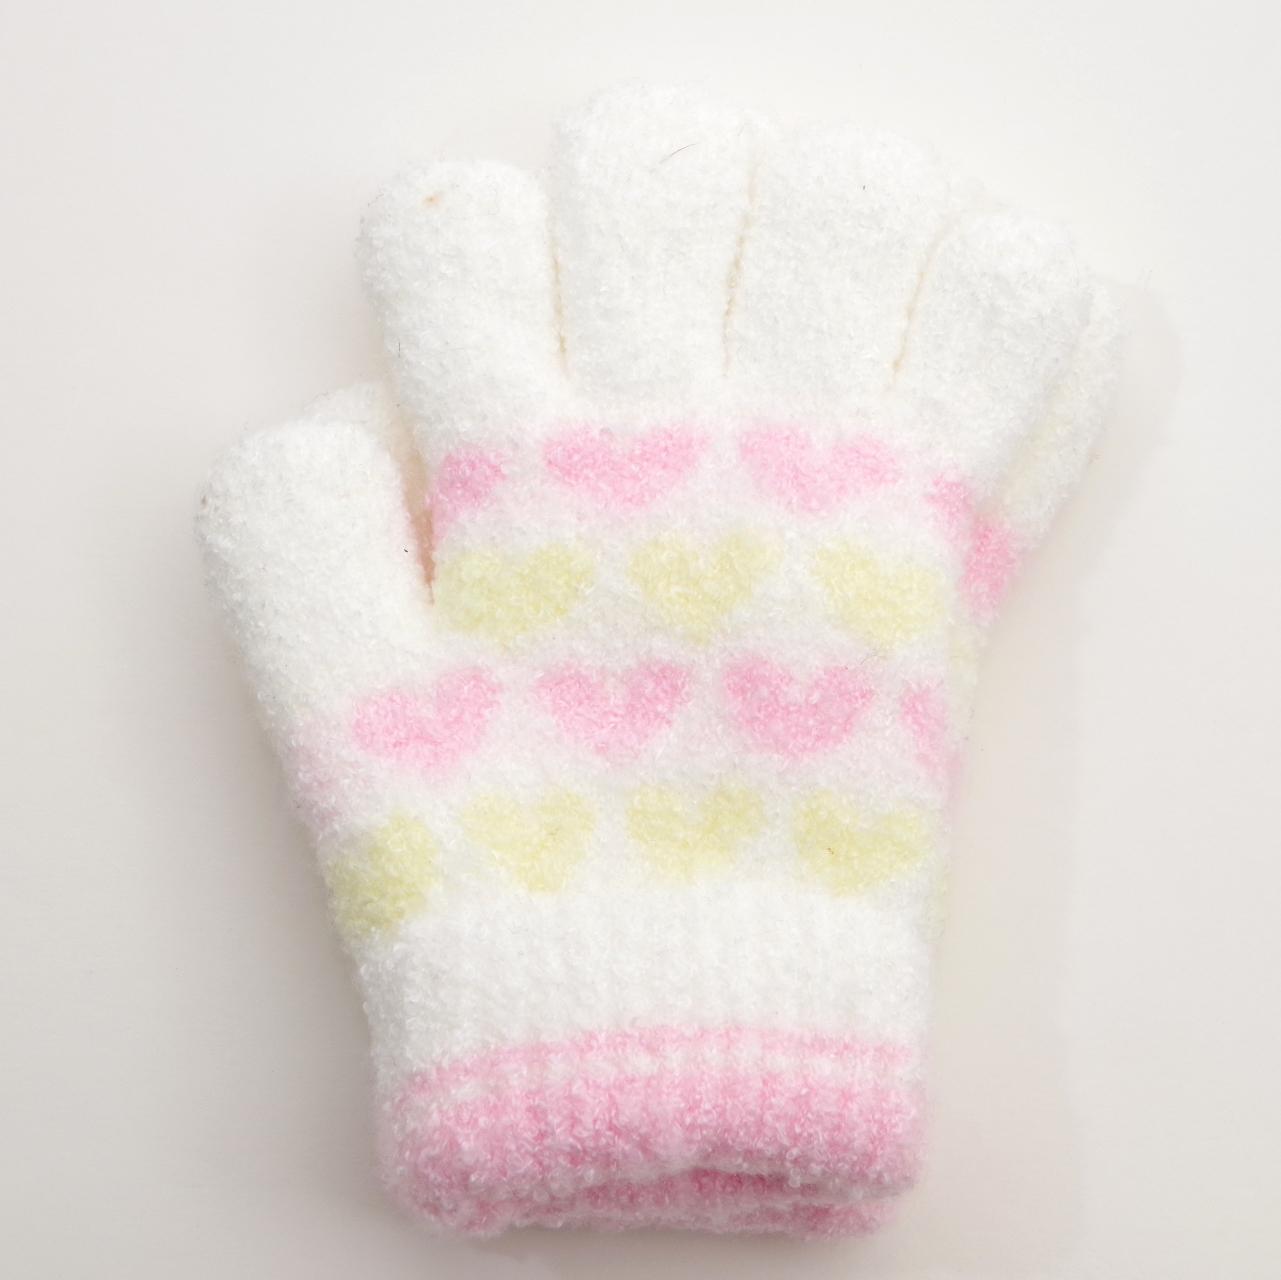 日本製  のびのび五指手袋 キッズ/ジュニア 16cm ホワイト二重  (1610-1771)